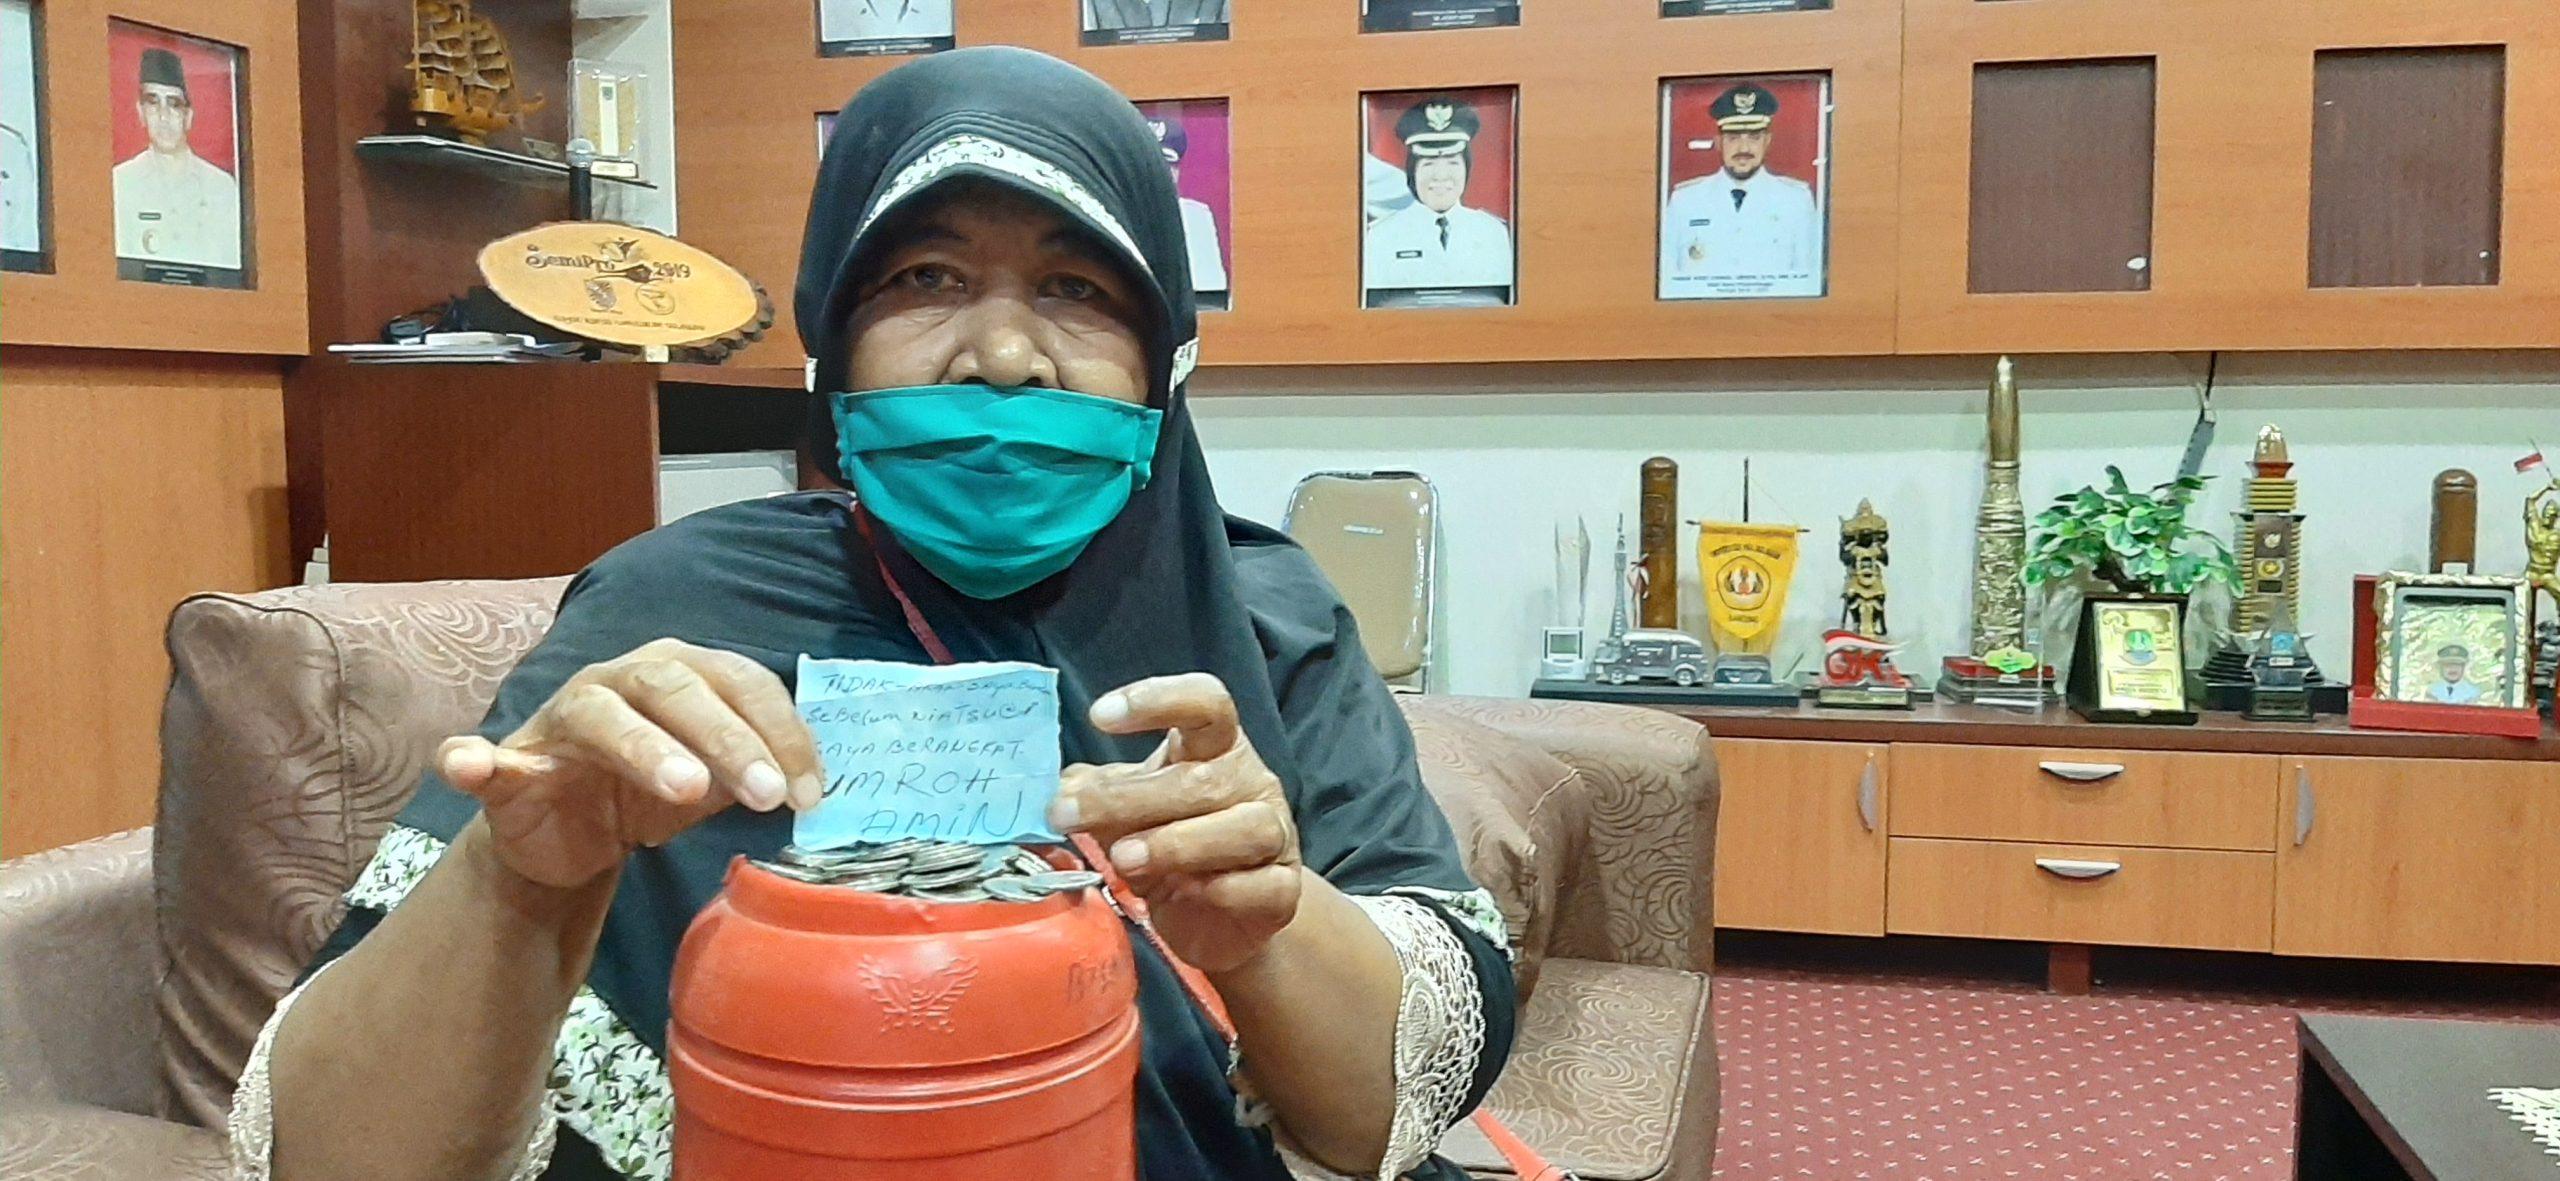 Nenek Sunarsih Sumbangkan Celengan Berisi Uang Koin Hasil Jualan Nasi Pecel Ke Satgas Covid-19 Kota Probolinggo